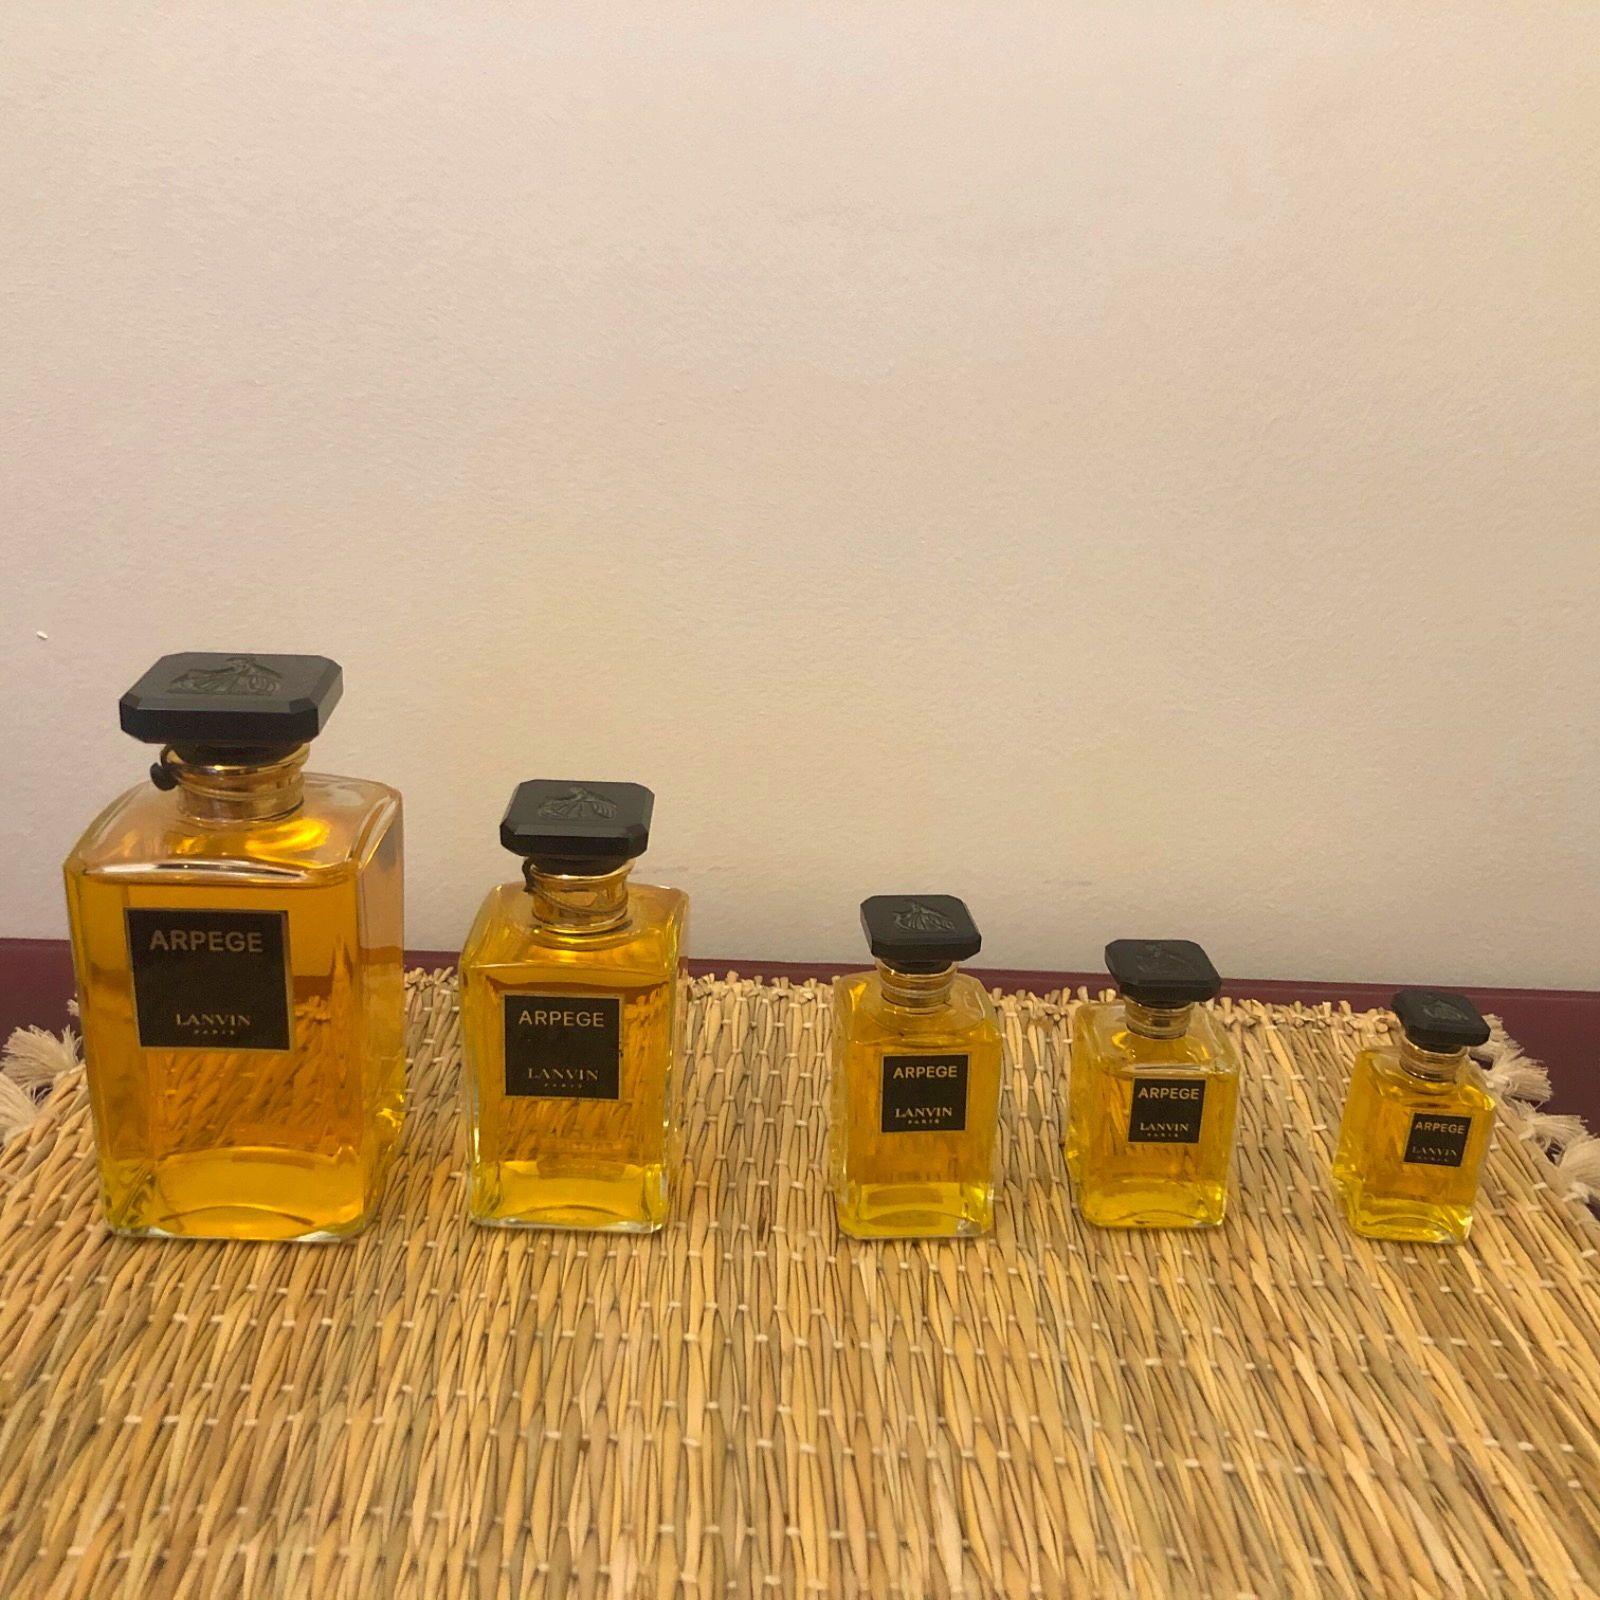 Vends série de cinq parfums Arpège de Lanvin Paris